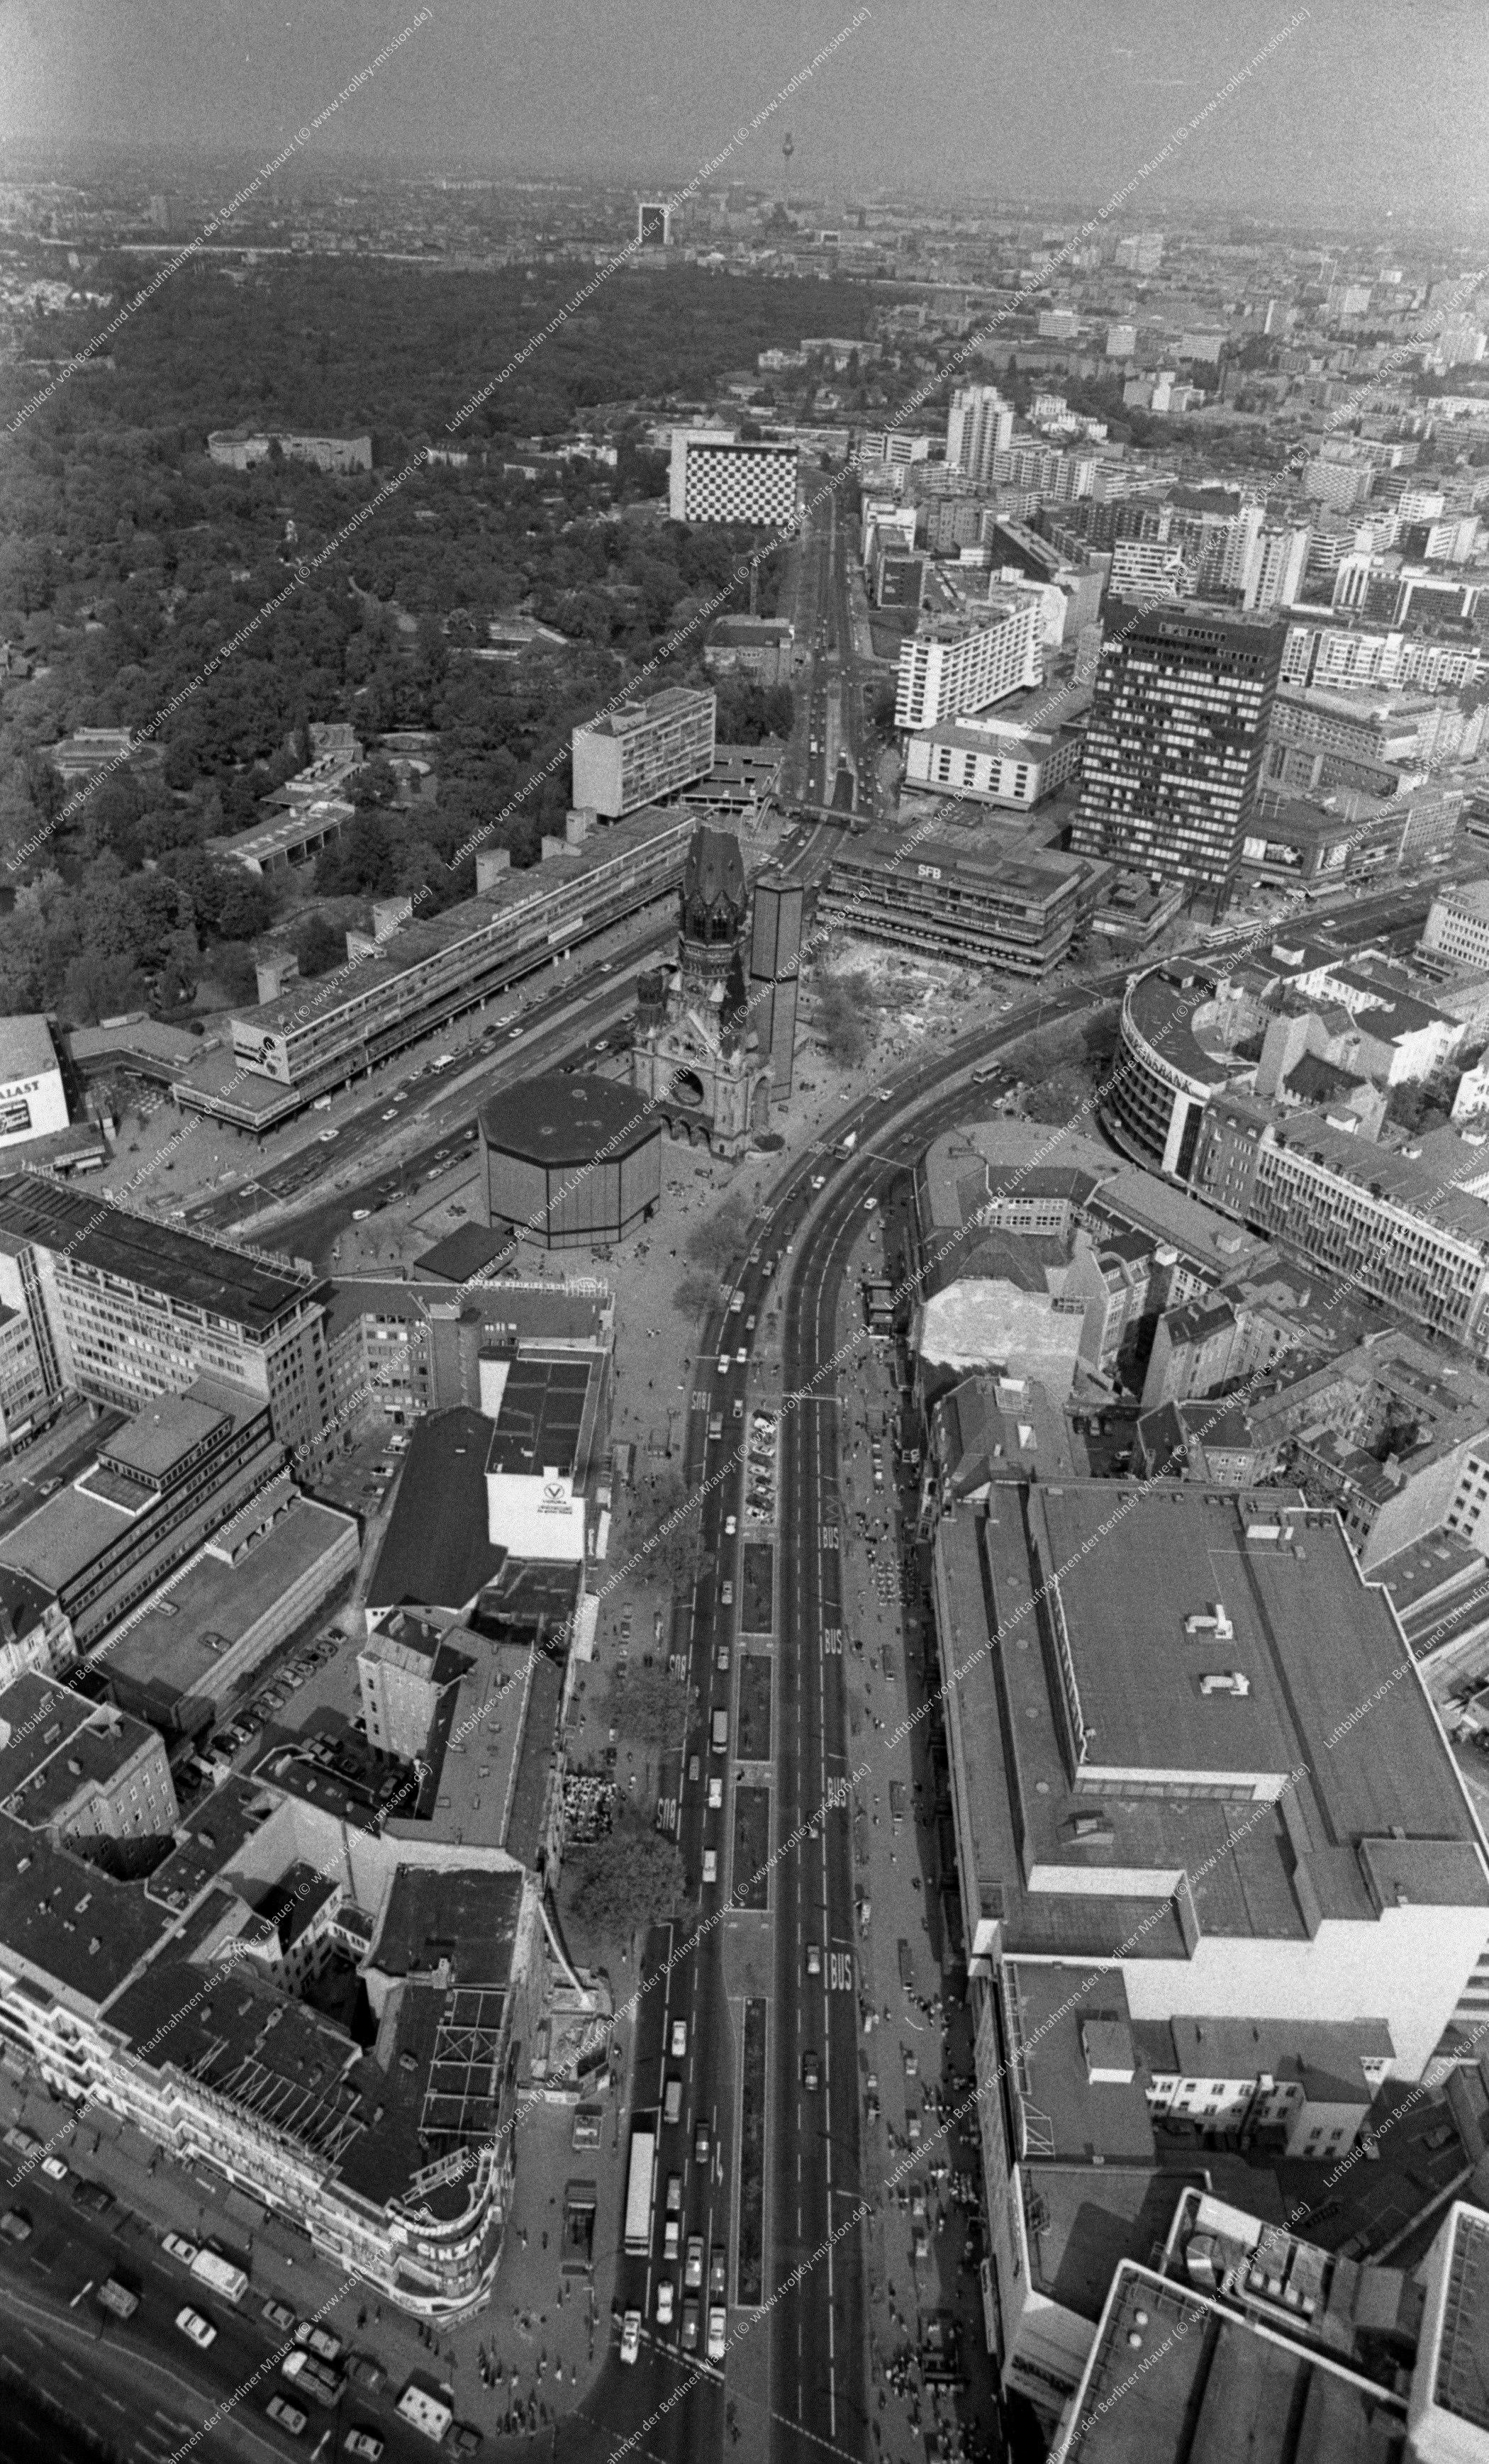 Luftaufnahme Kaiser-Wilhelm-Gedächtniskirche vom 9. März 1982 (Bild 104)